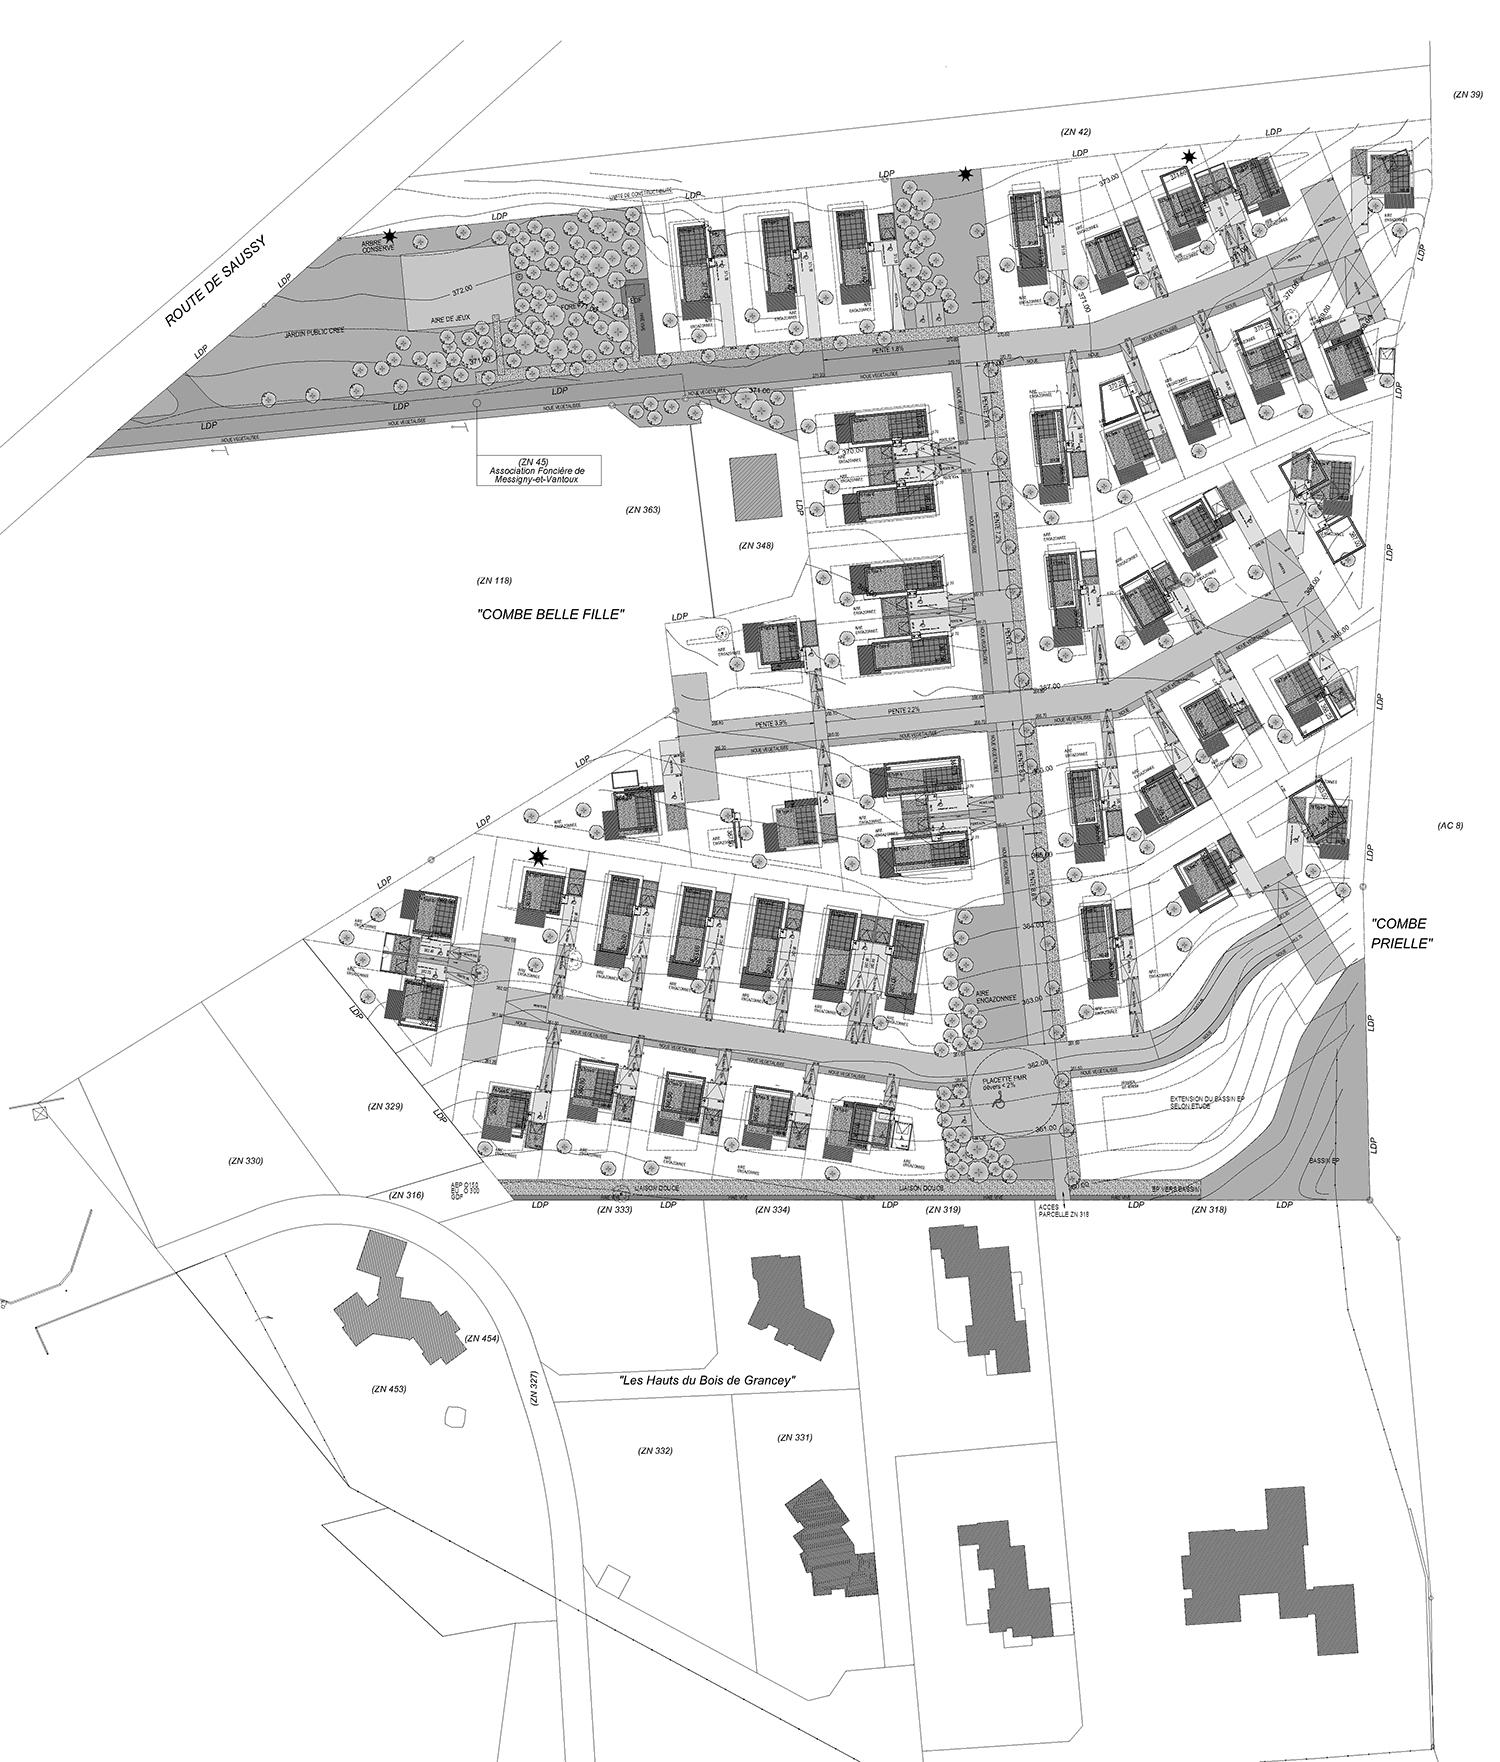 46-maisons-passives-ou-positives-messigny-et-vantoux-plan-masse